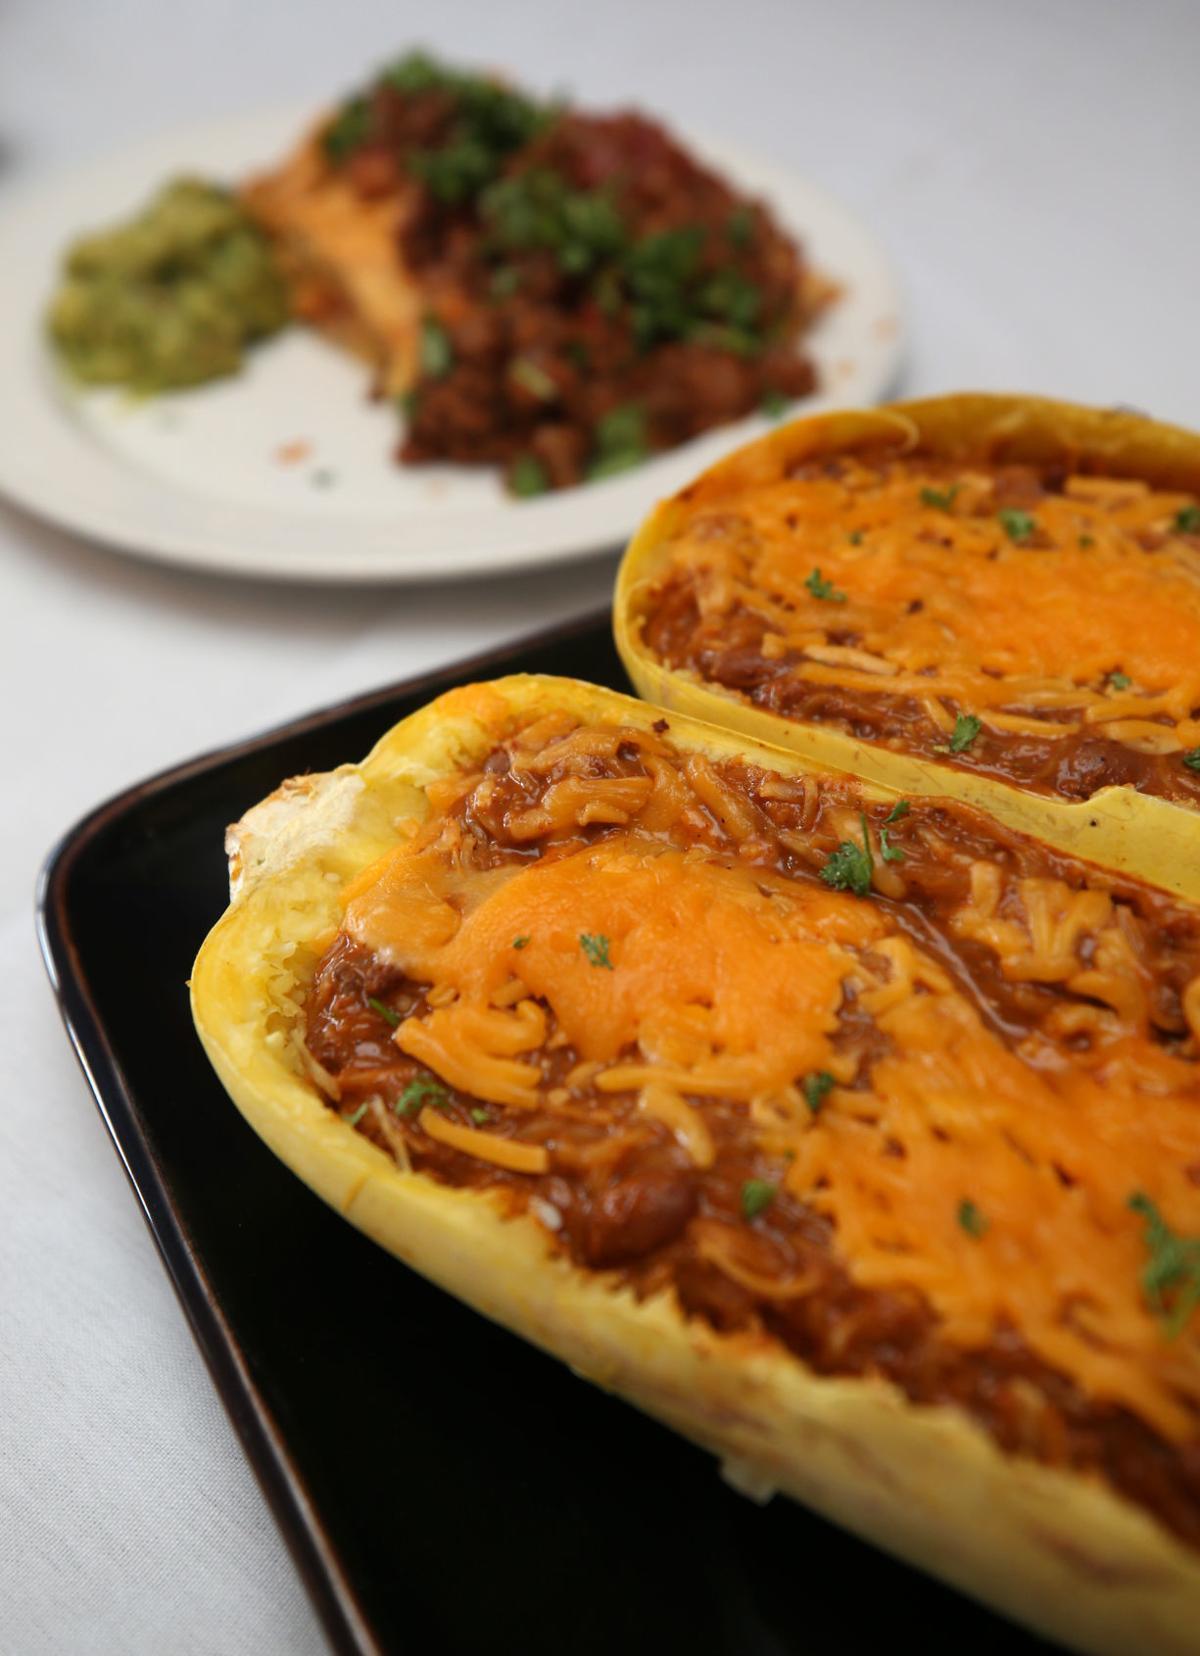 Rotary chili supper